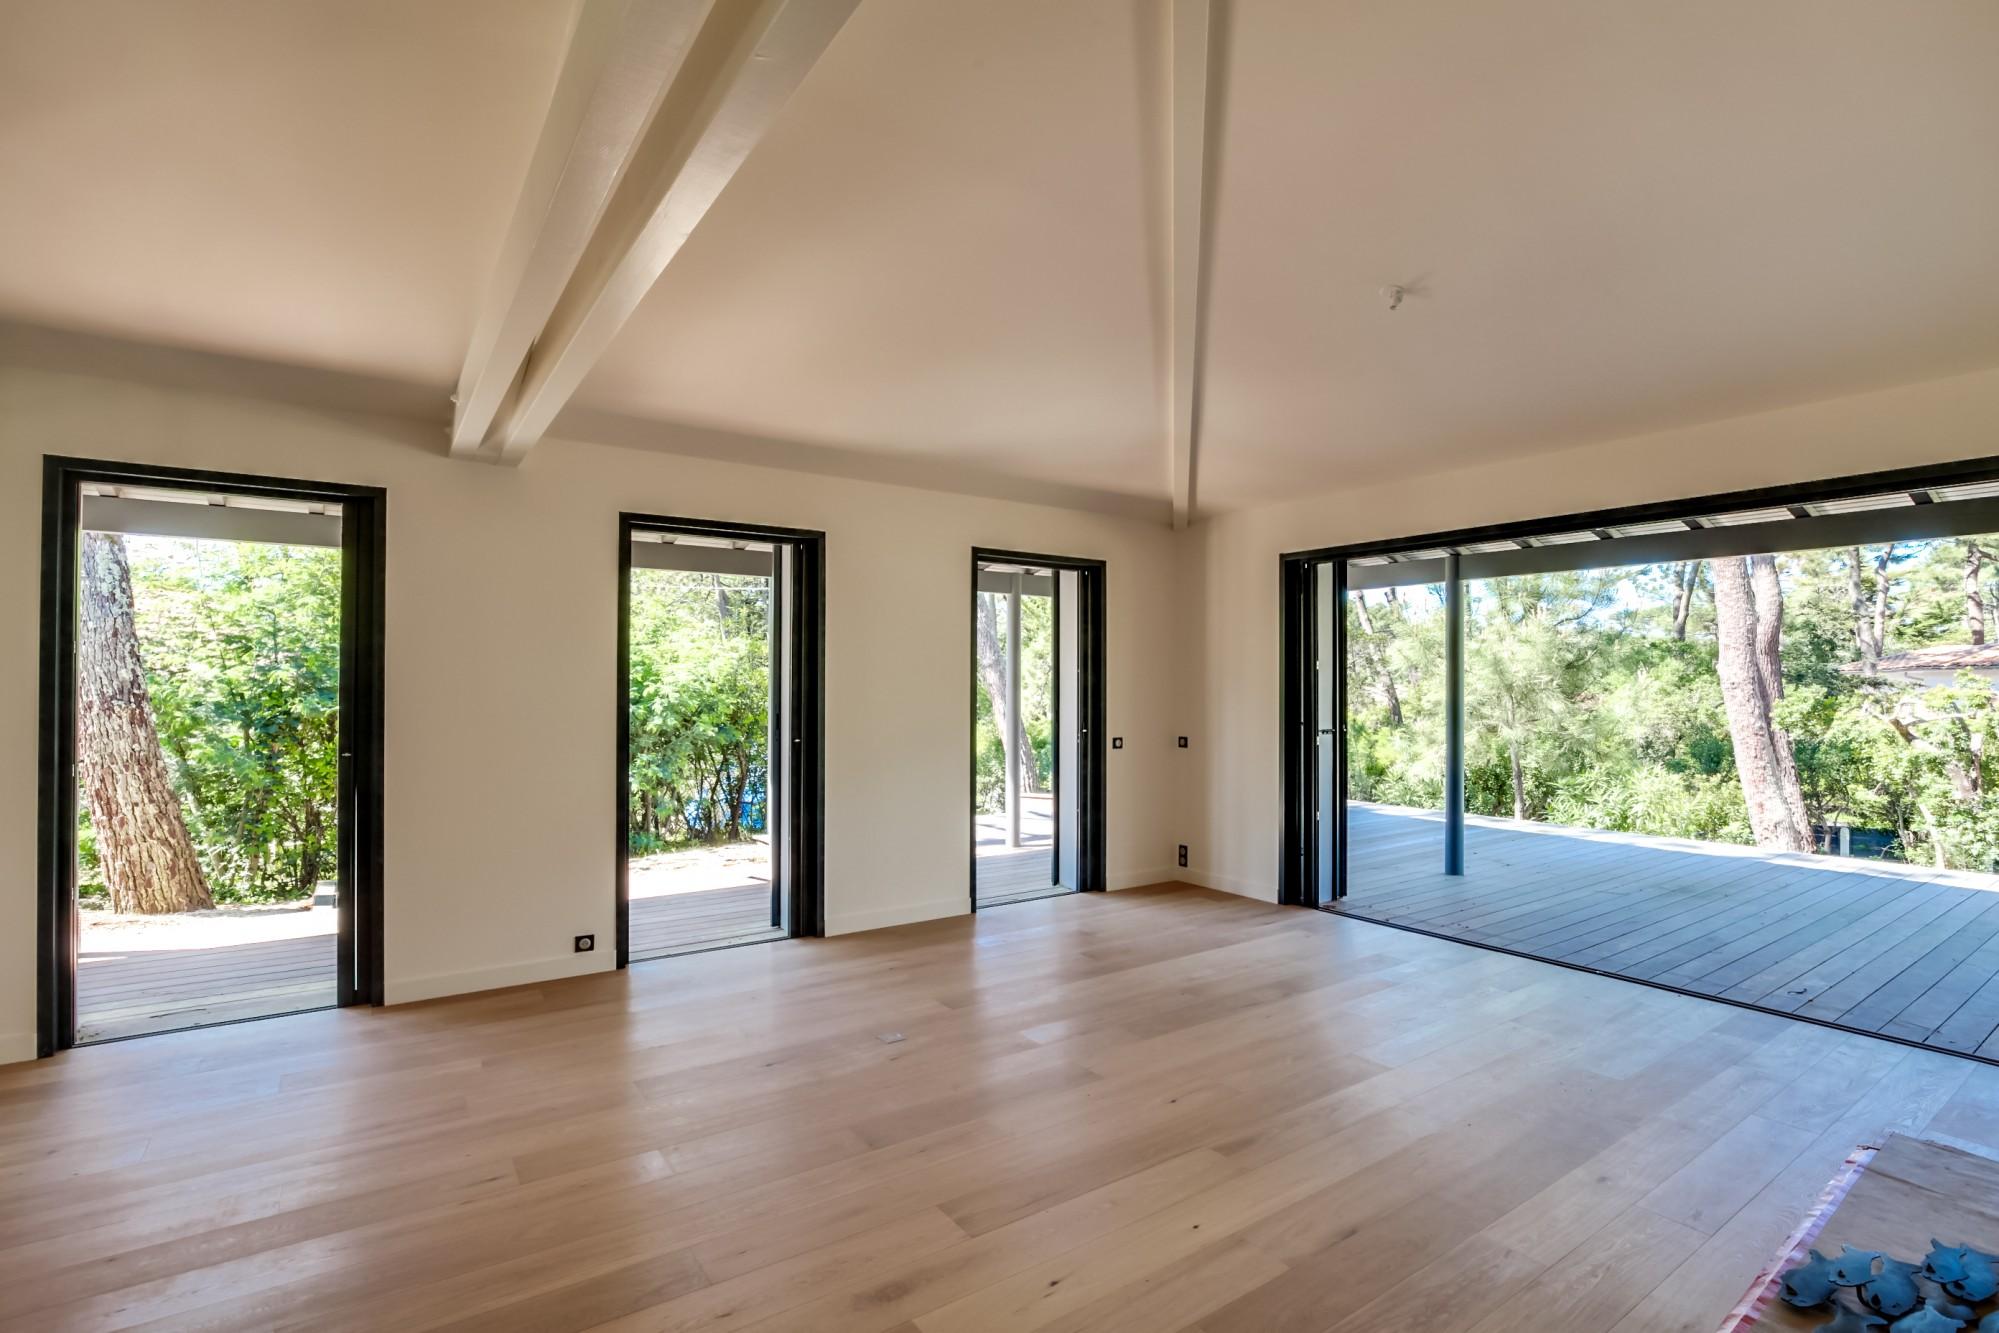 villa d 39 architecte r cente avec 4 chambres vendre lege cap ferret le mimbeau immobilier de. Black Bedroom Furniture Sets. Home Design Ideas